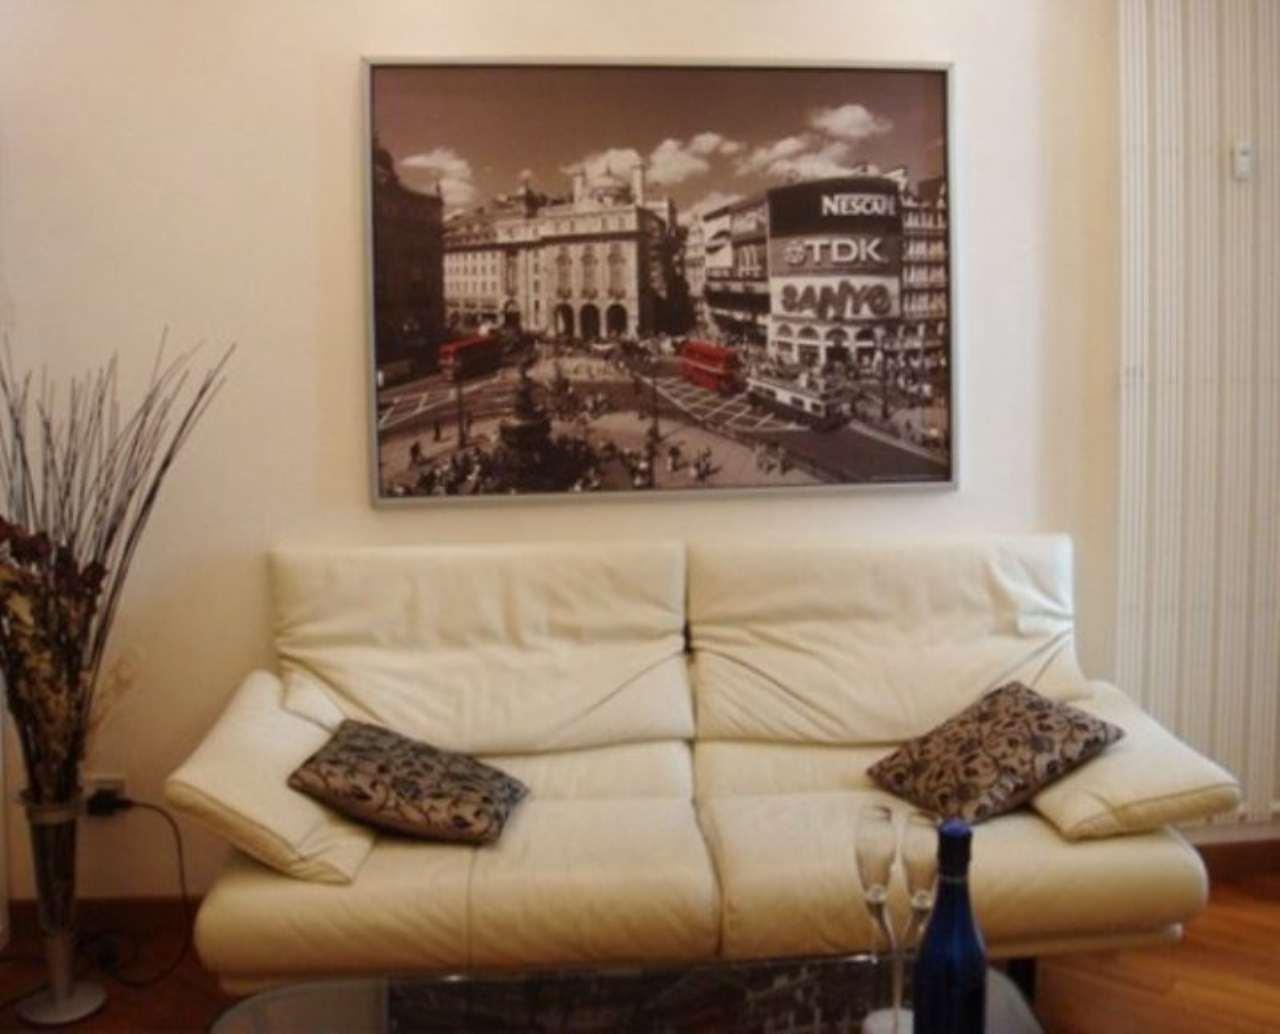 Appartamento in affitto a Padova, 4 locali, zona Zona: 1 . Centro, prezzo € 1.000 | Cambio Casa.it